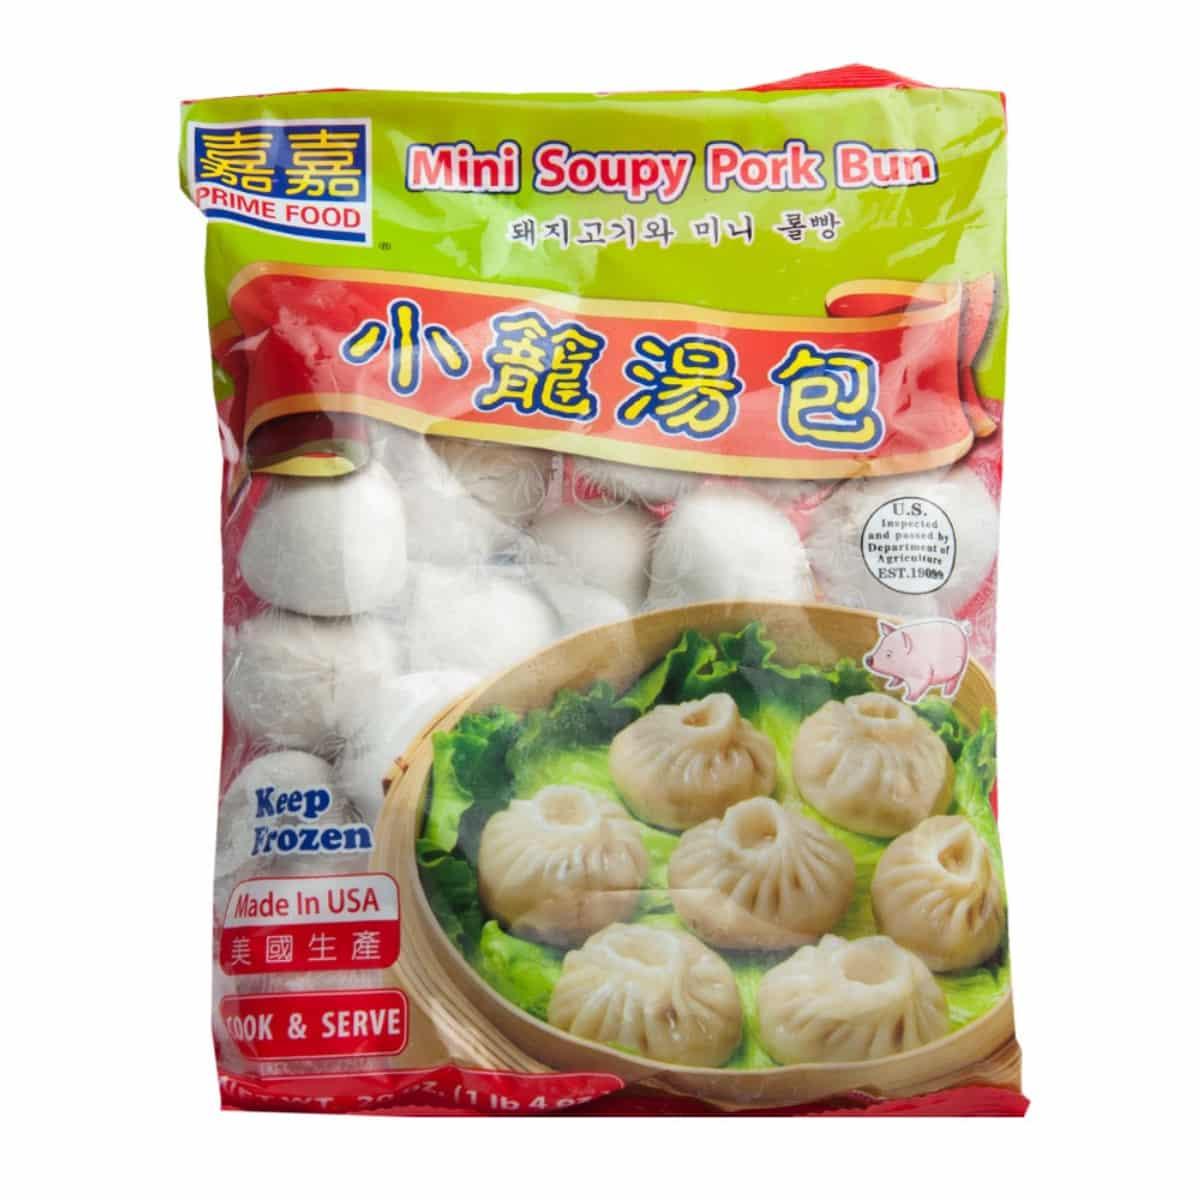 PrimeFood Mini Soupy Pork Bun 嘉嘉小笼汤包..